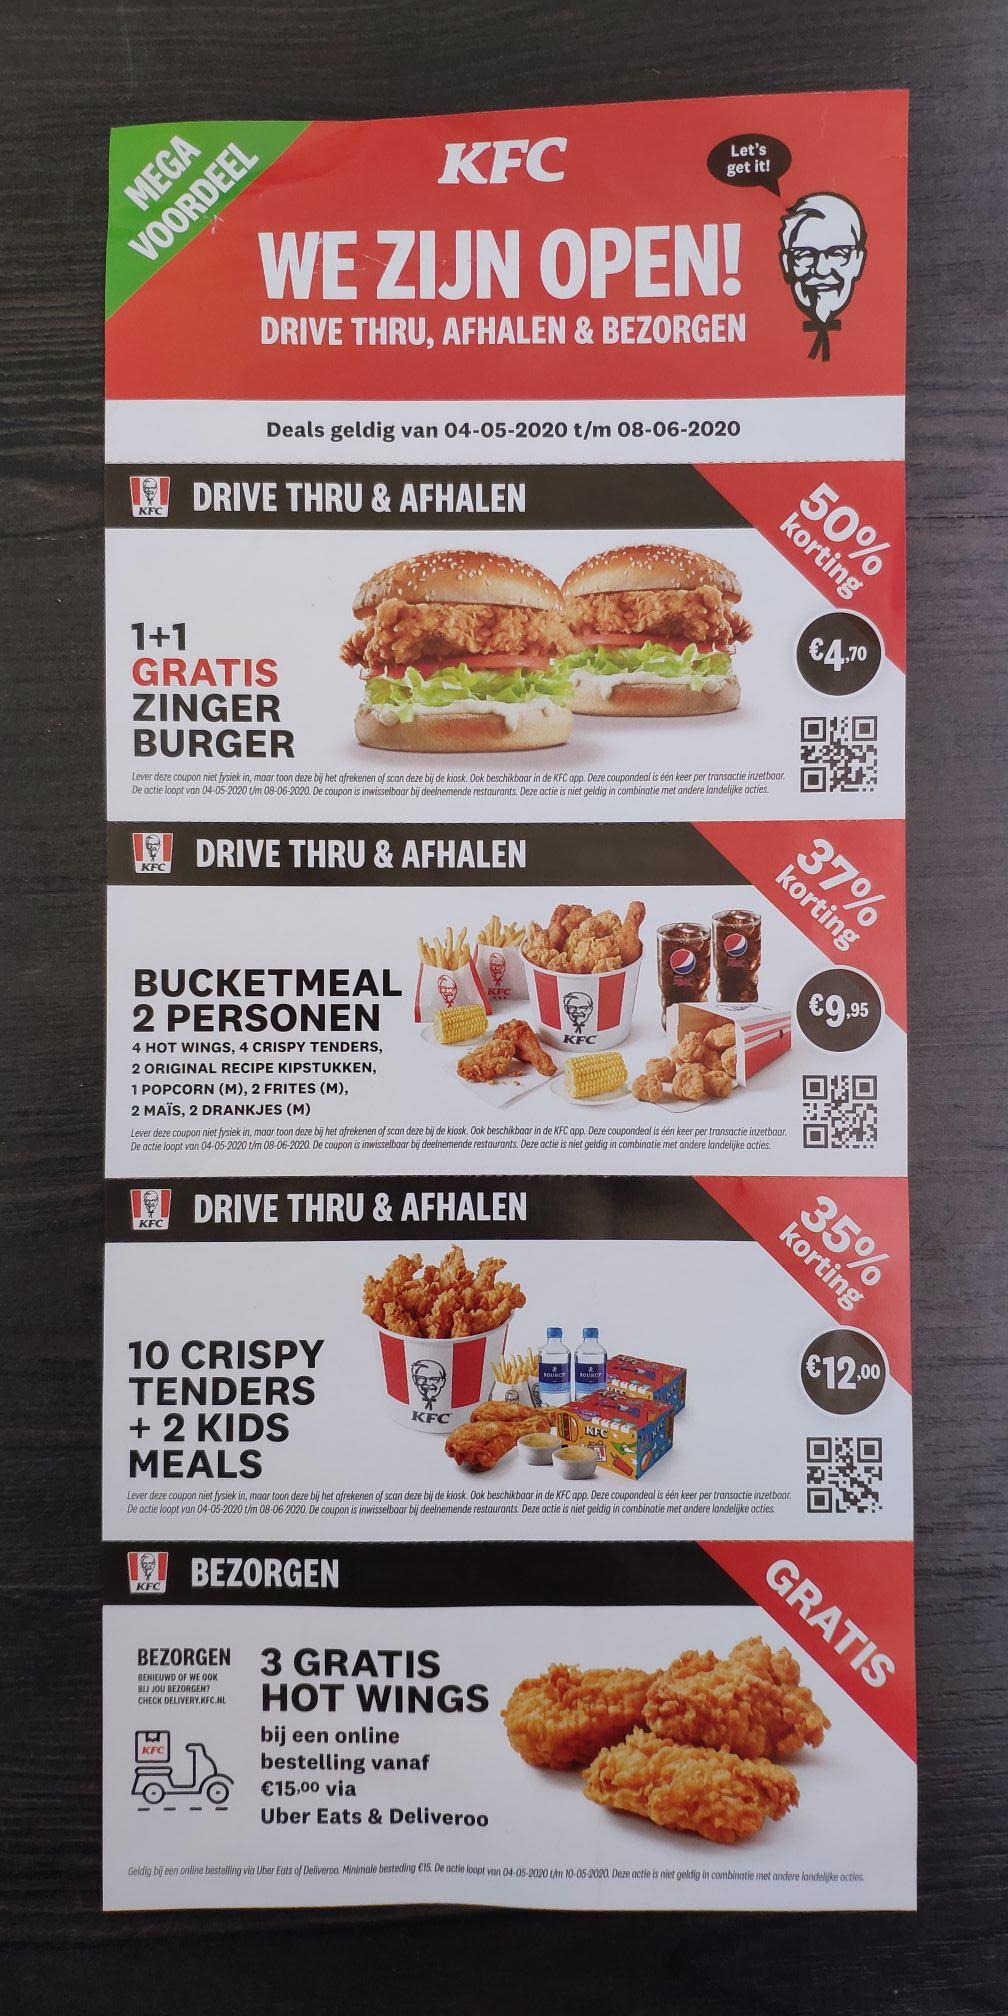 Zinger burger 1+1 gratis met de KFC app / QR code (+2 andere acties)